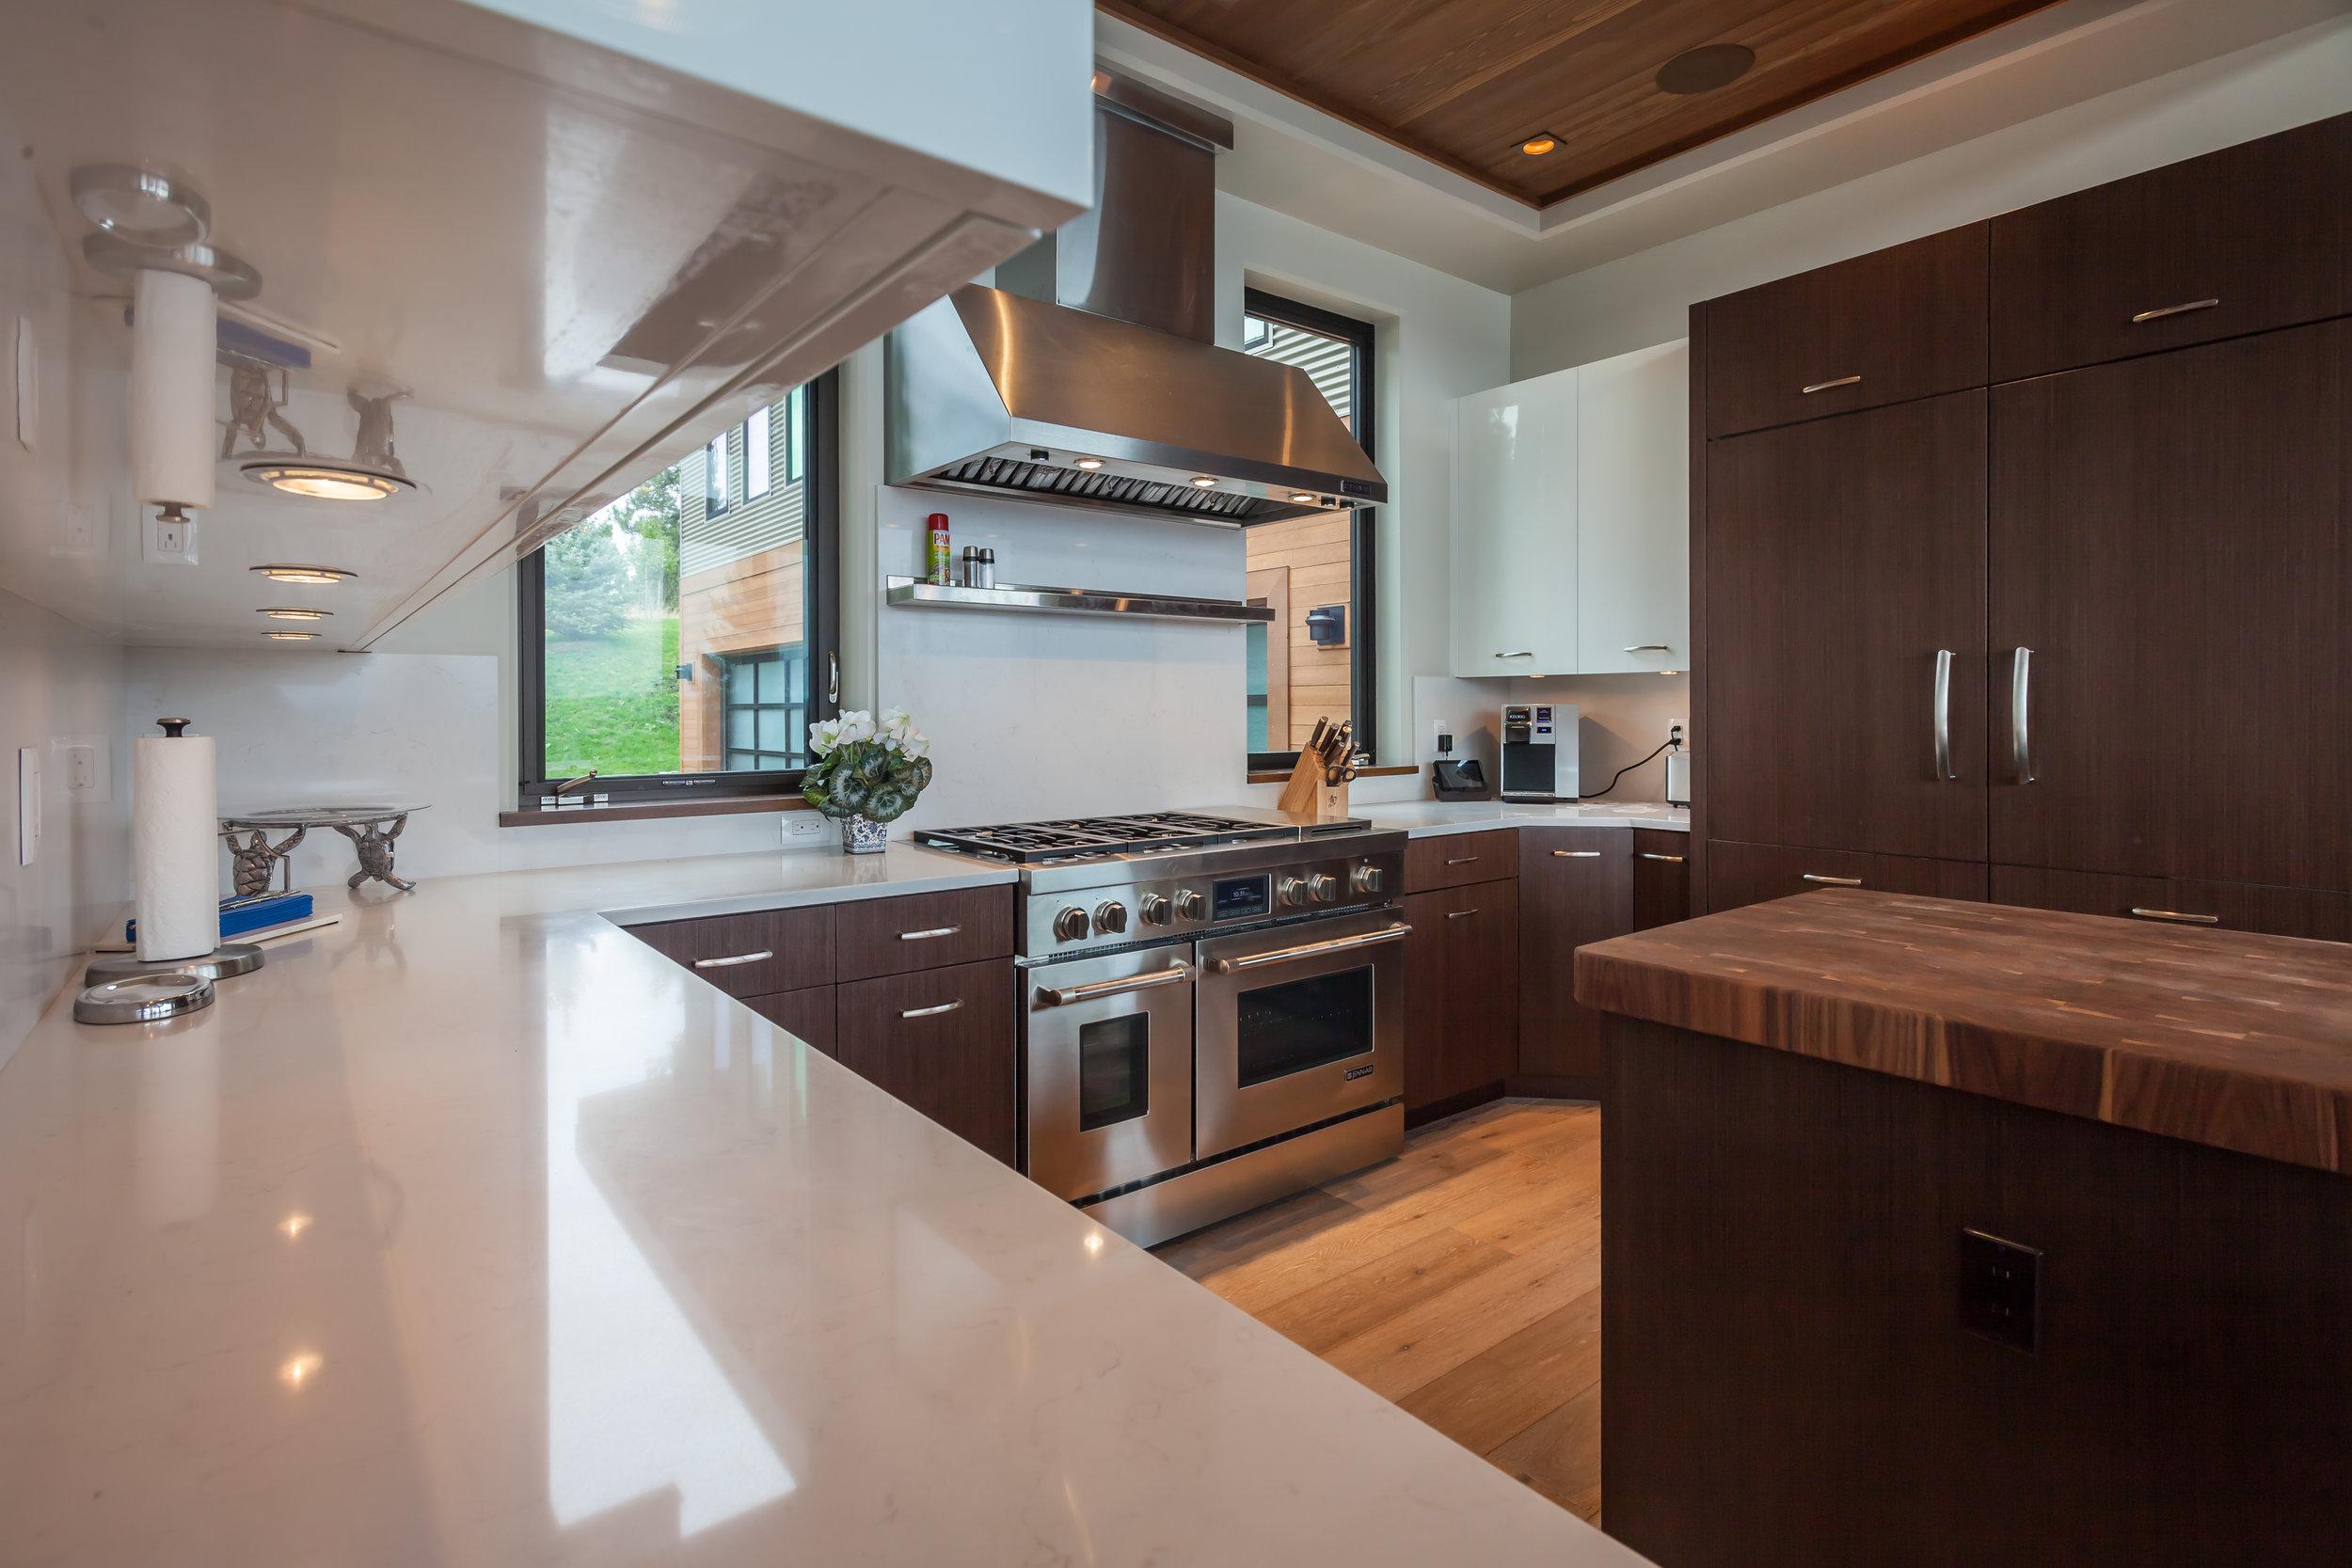 Moore Residence Kitchen.jpg